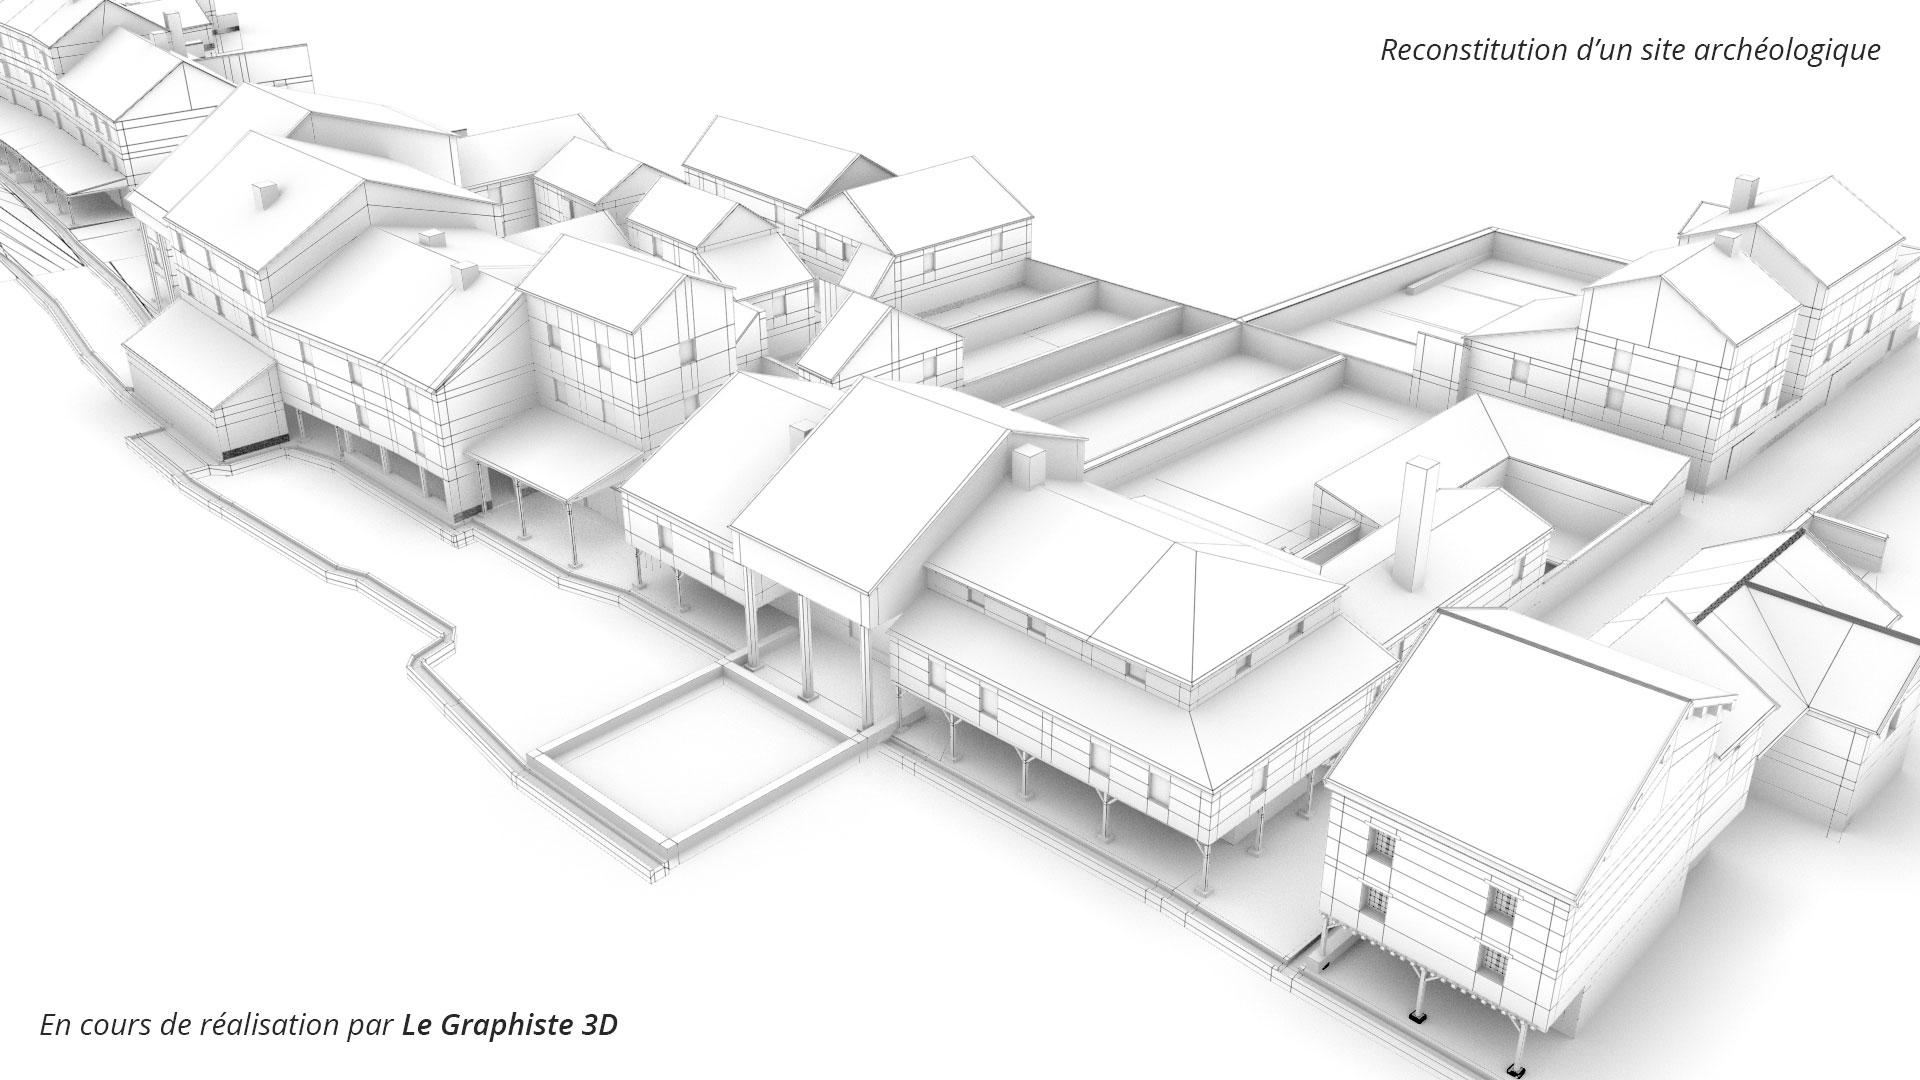 Reconstitution d'un site archéologique en cours de réalisation par Le Graphiste 3D